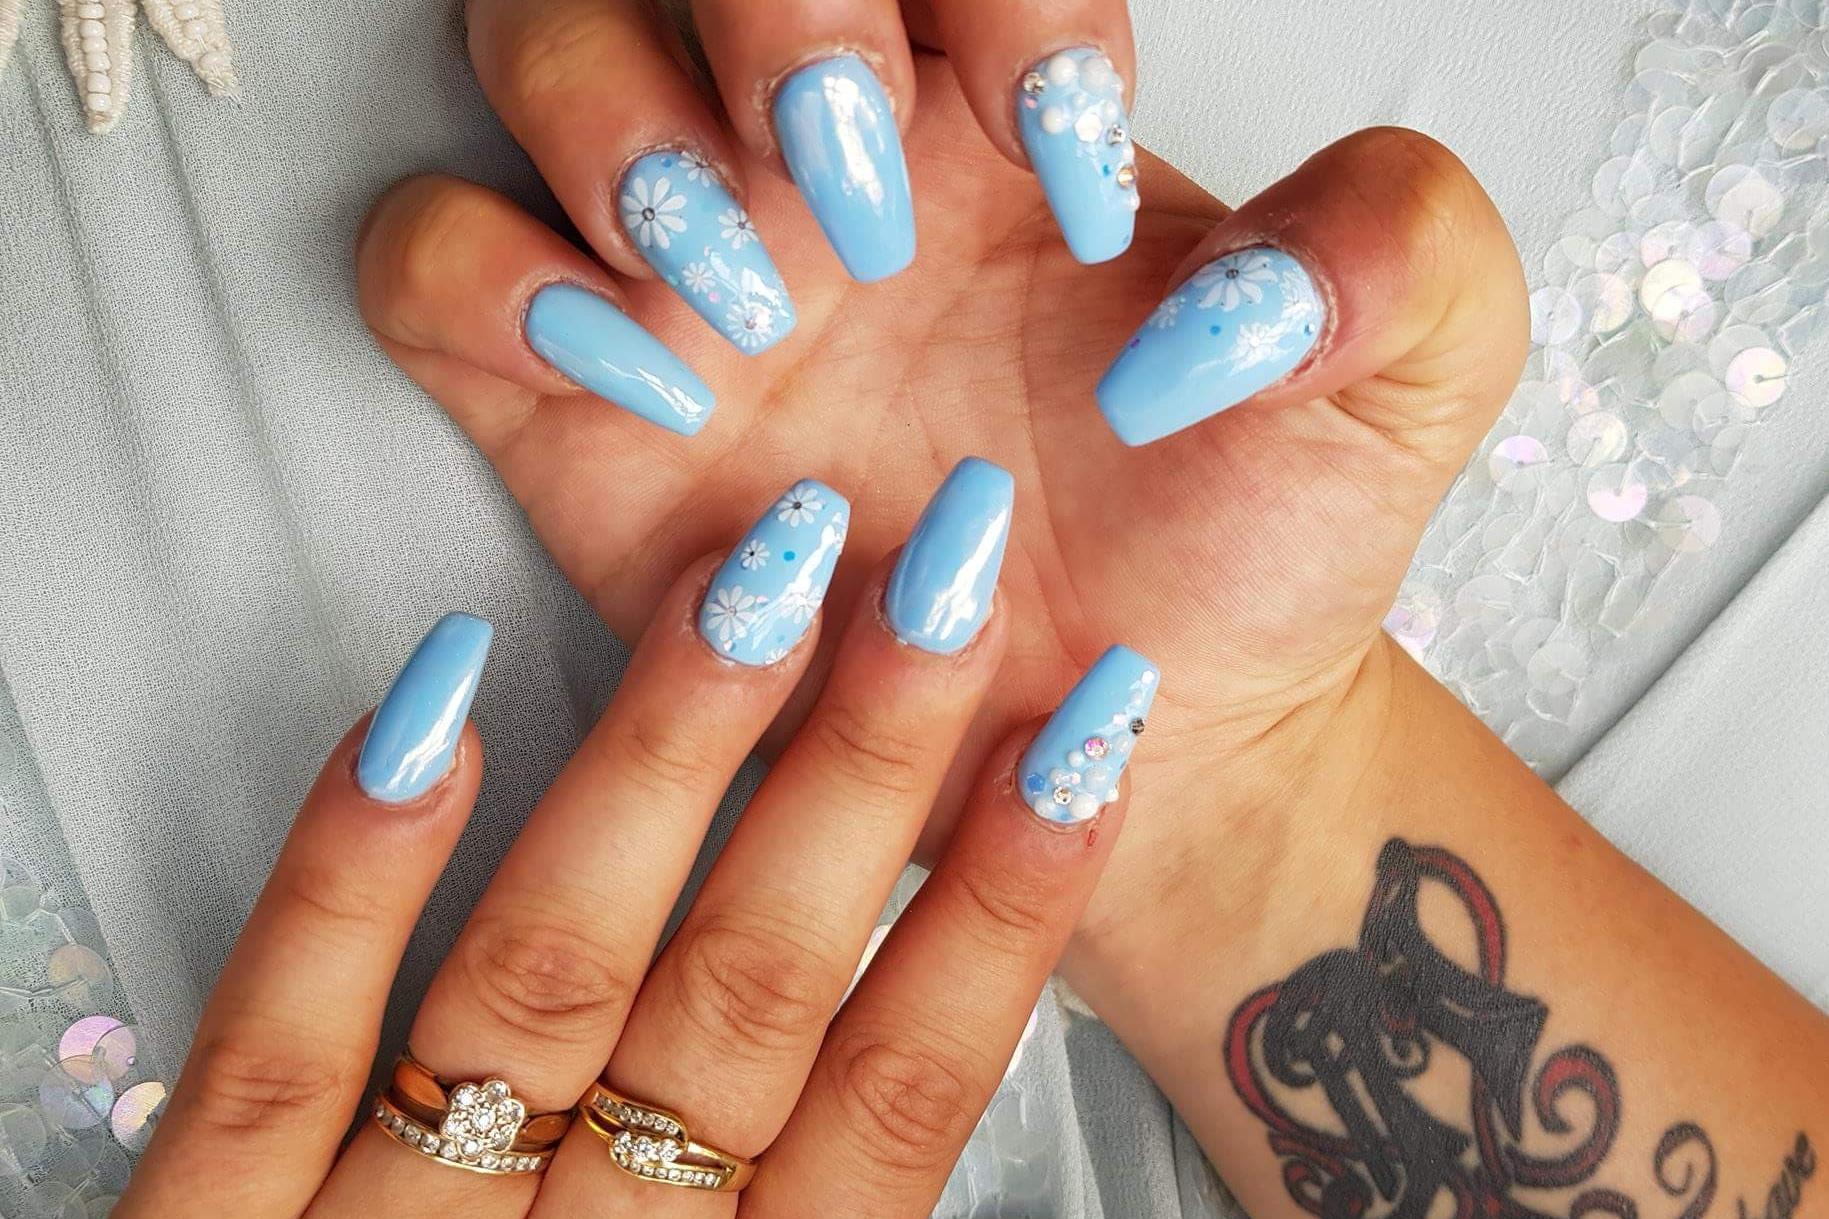 Beautiful nails by Saj from Five Star Nails, Watford